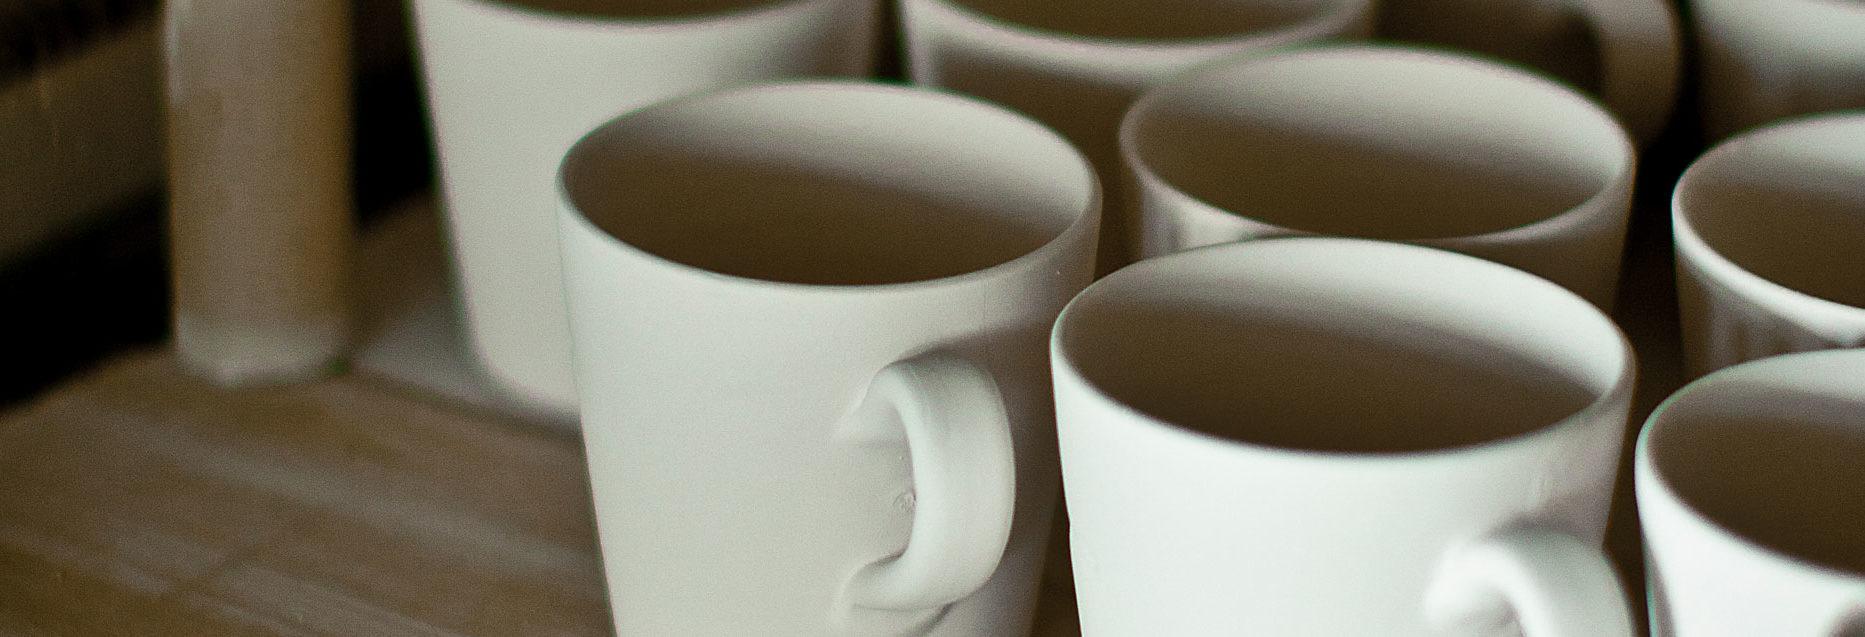 Your name on a mug